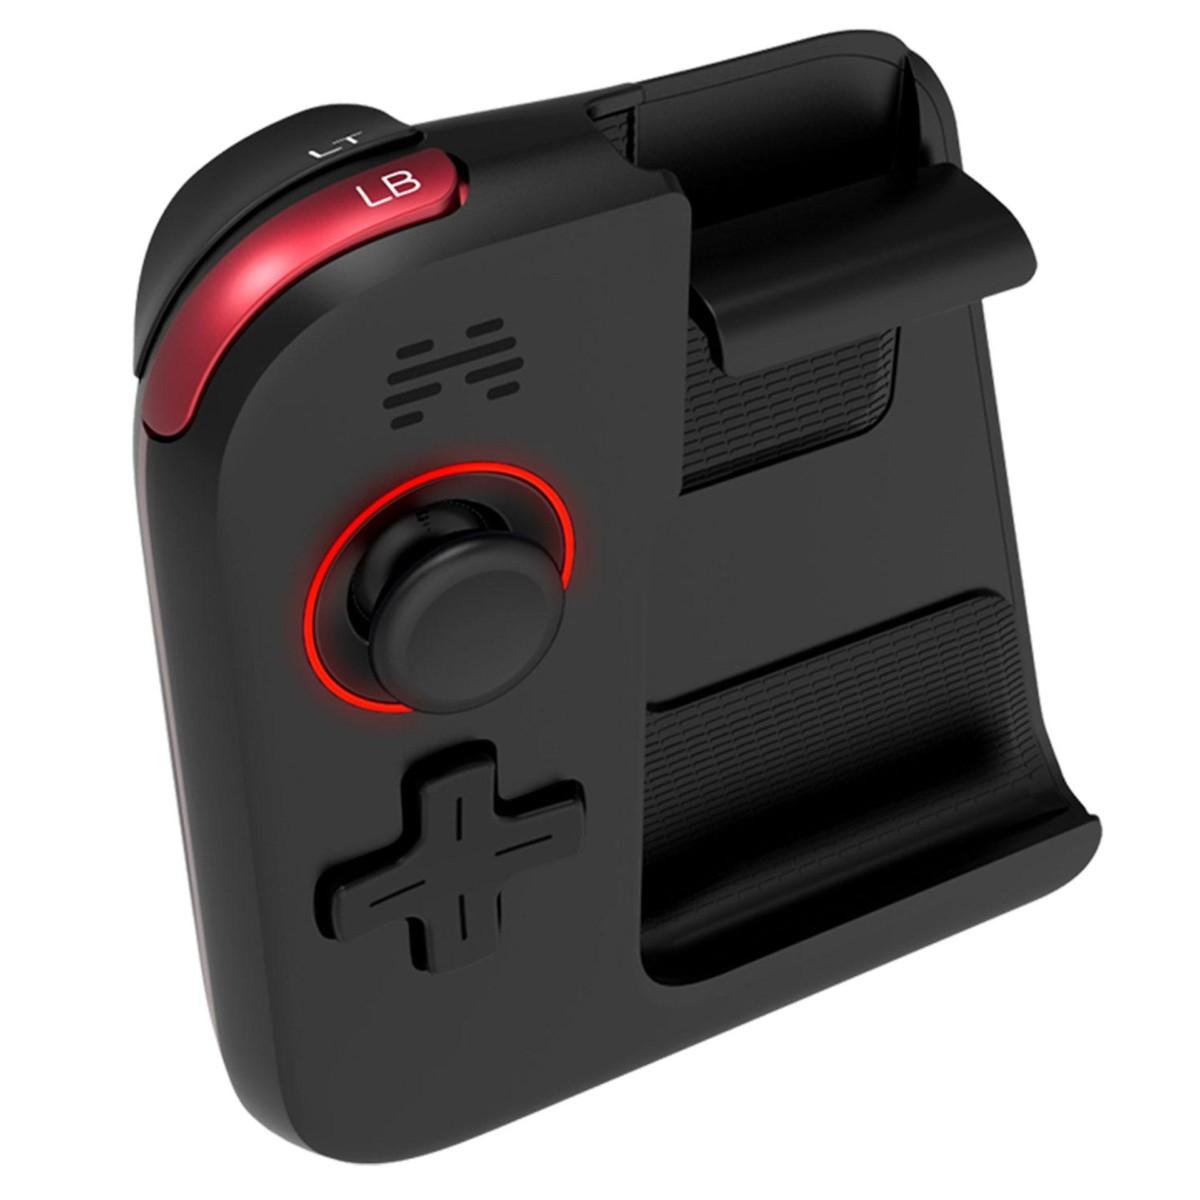 Manette Bluetooth, claviers mécaniques, fauteuil : découvrez les accessoires gamers de BZFuture